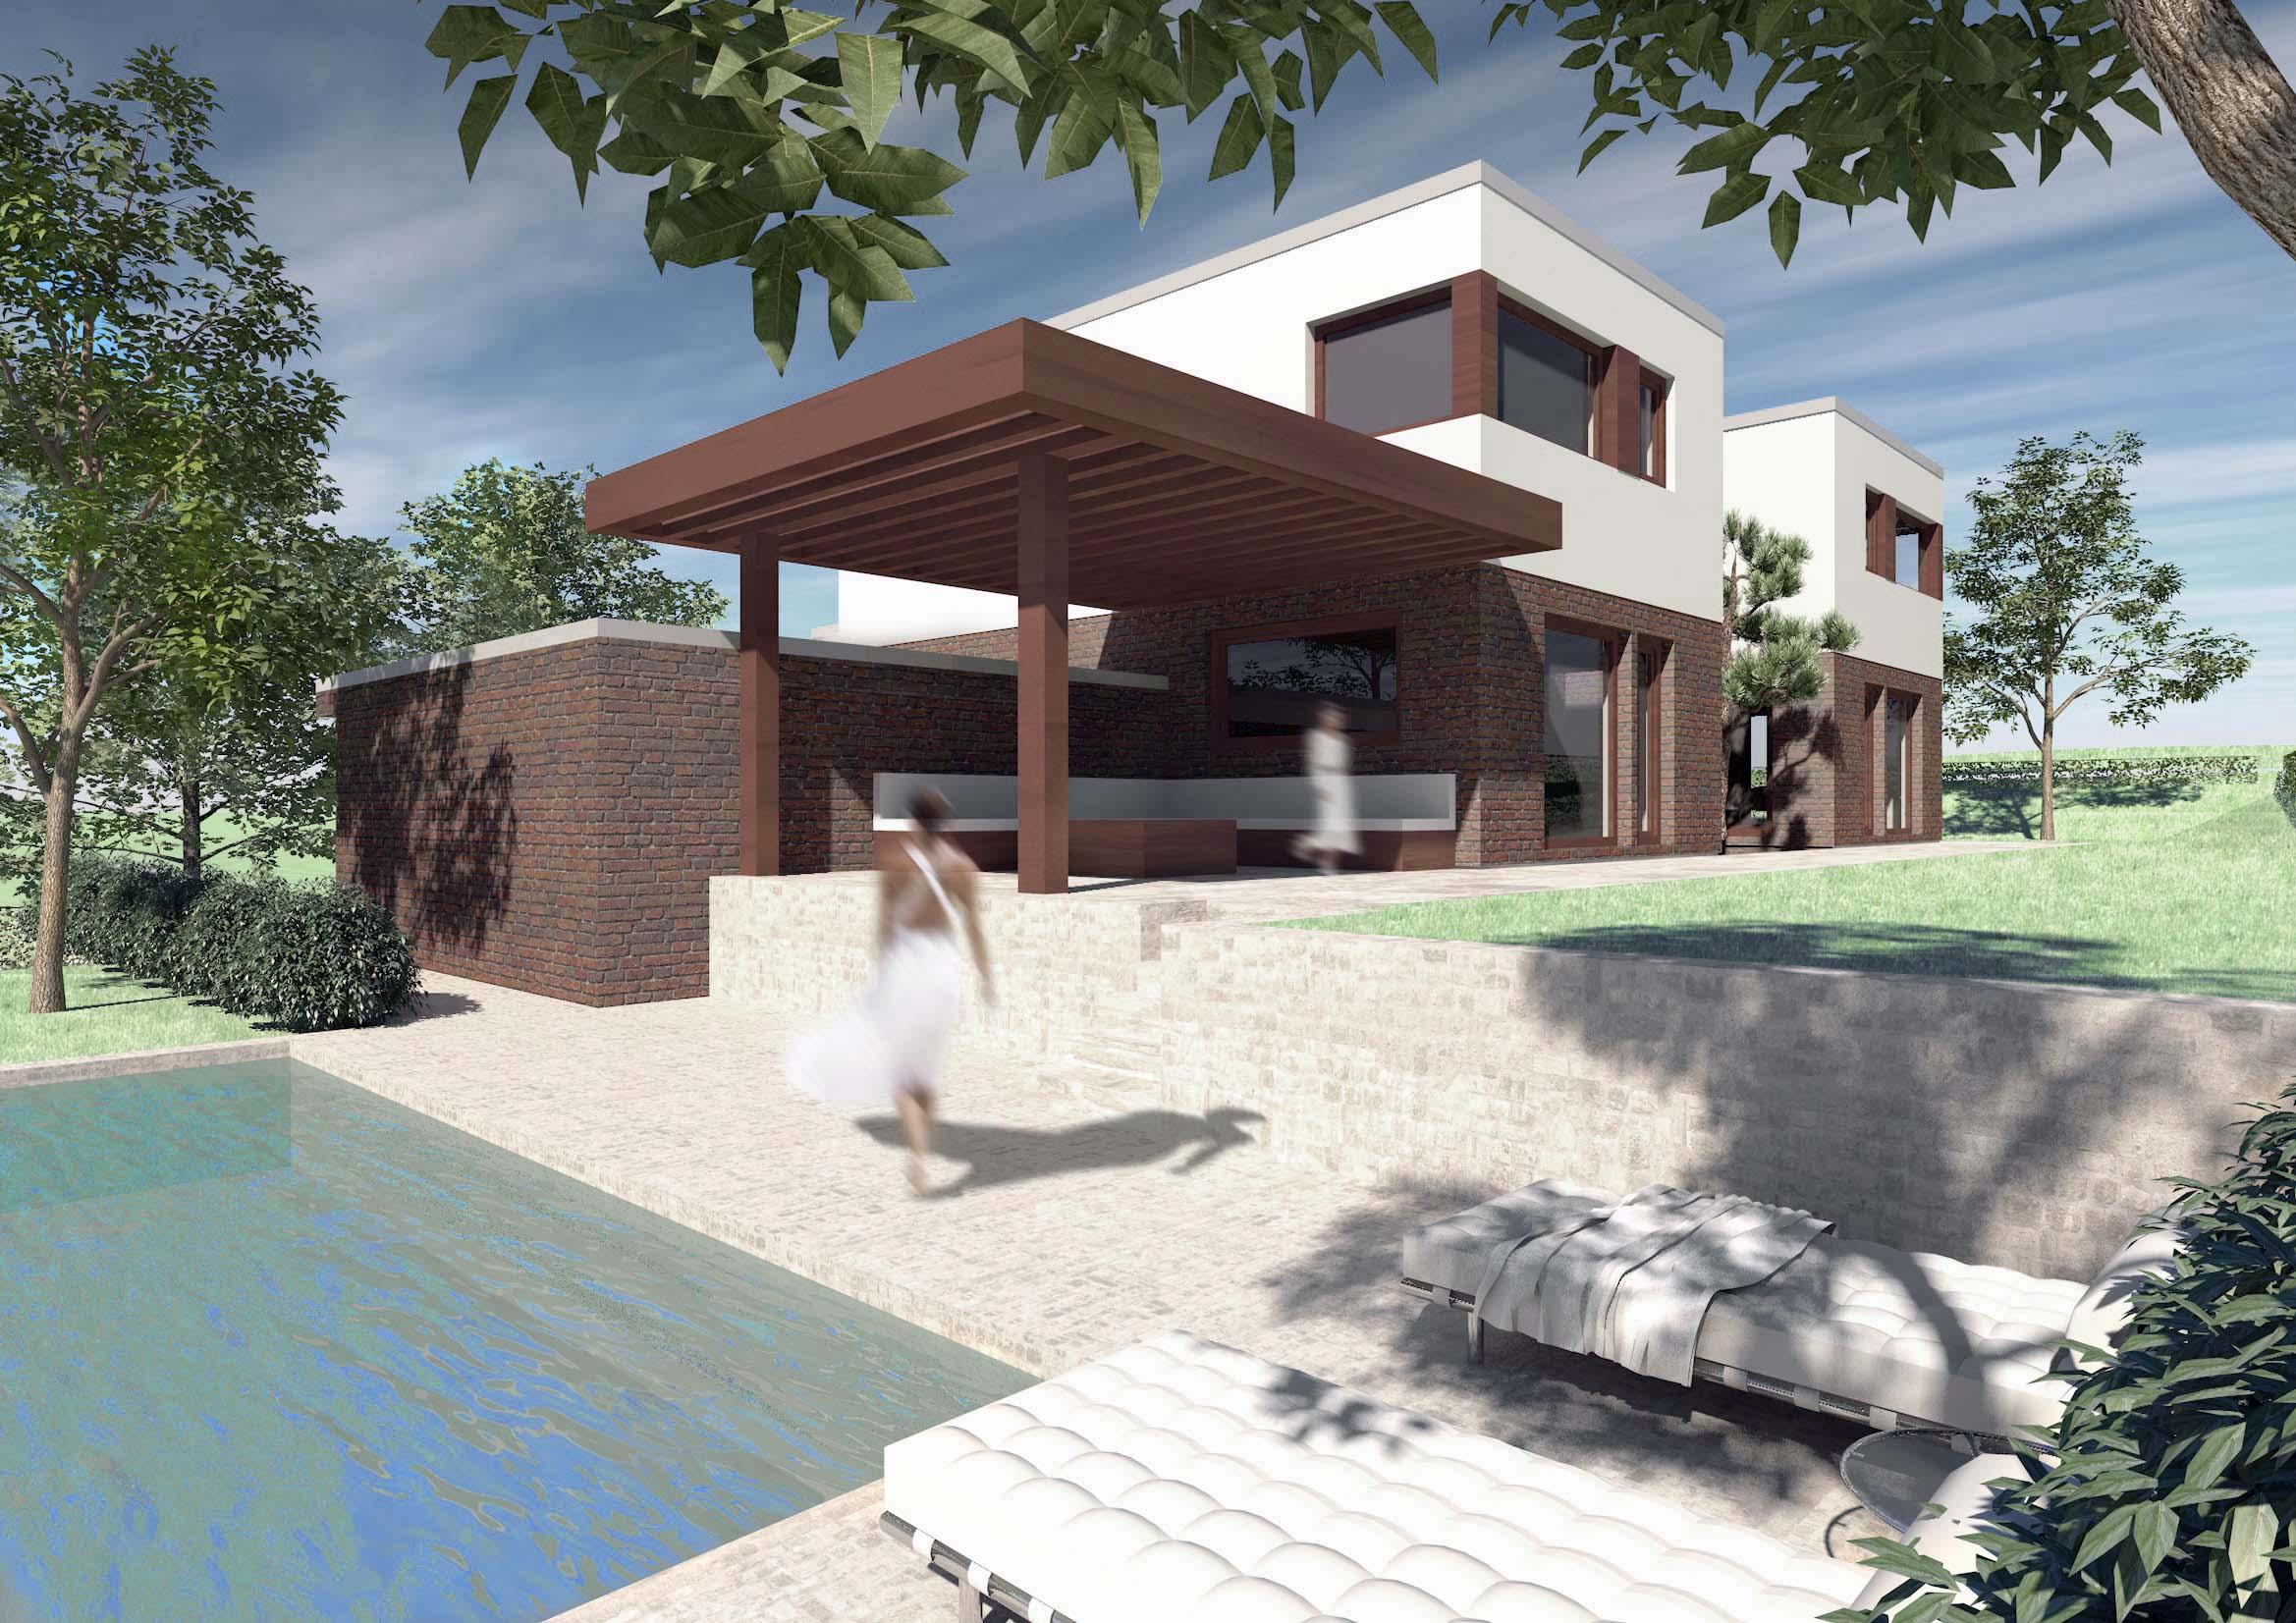 Wohnhaus Meltingen Garten.jpg